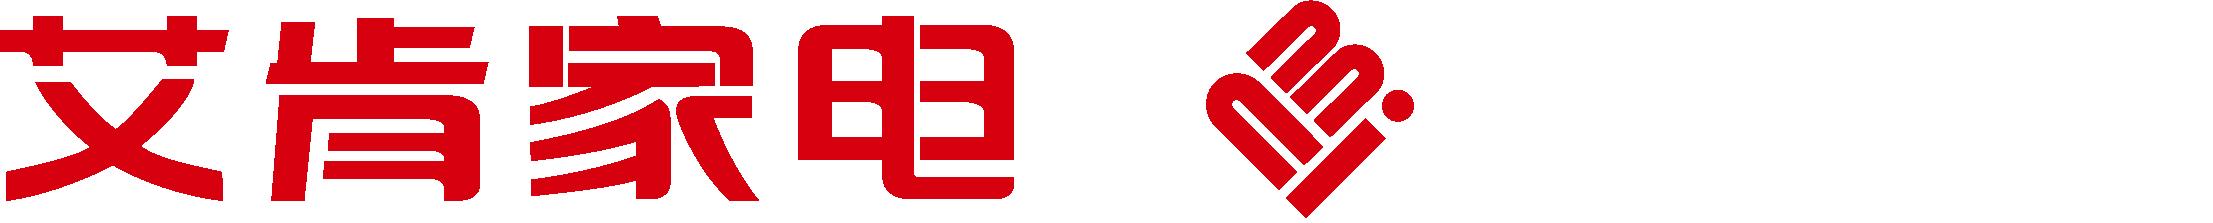 艾肯家电网